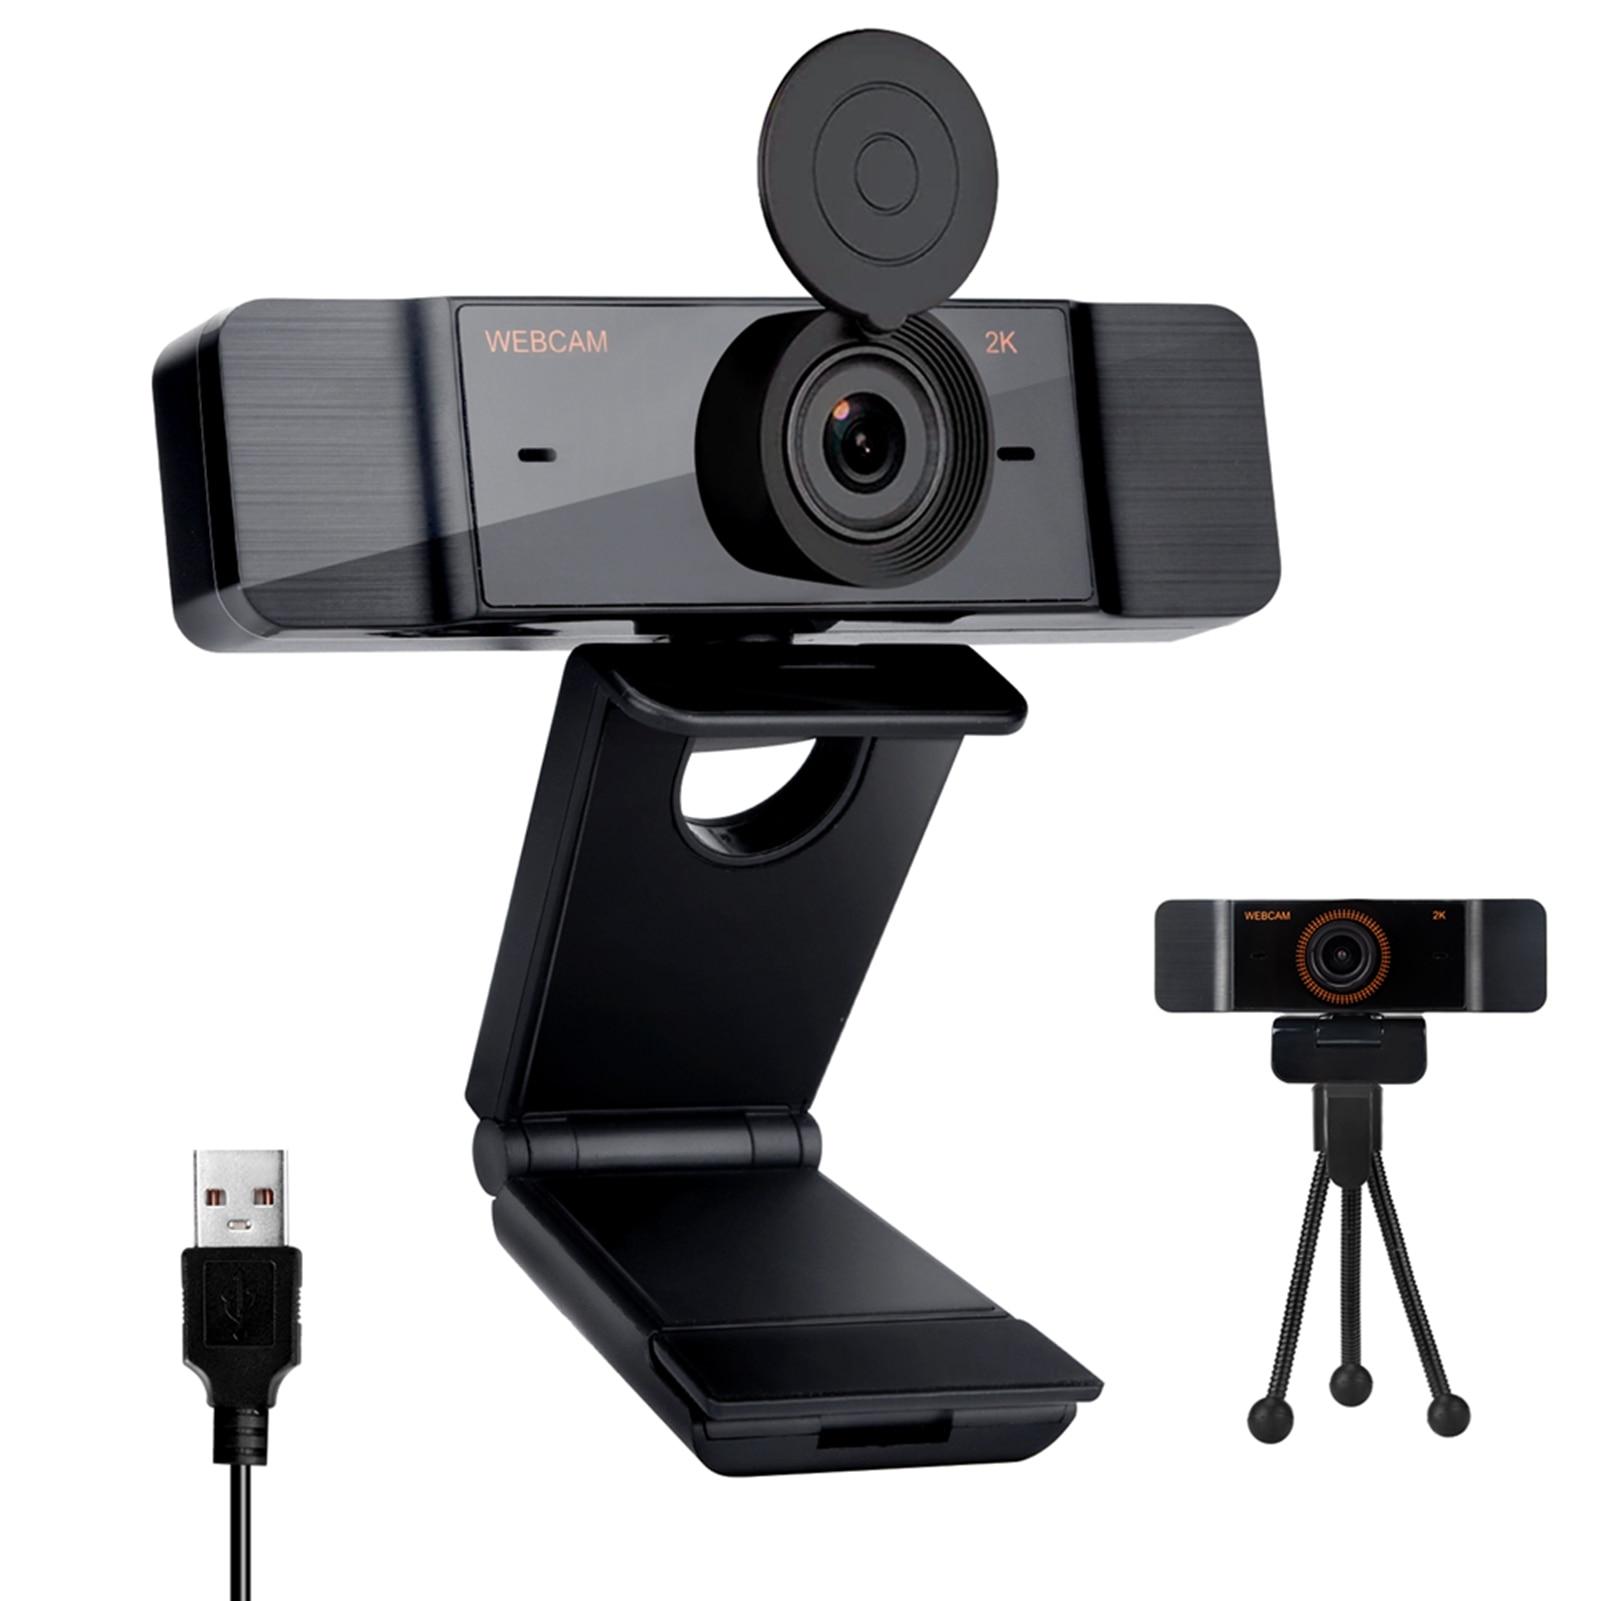 Привод-Бесплатная веб-камеры 2K Full HD 1080P веб-Камера автофокуса С микрофоном USB веб-камера для компьютера Mac ноутбука, настольного компьютера в...